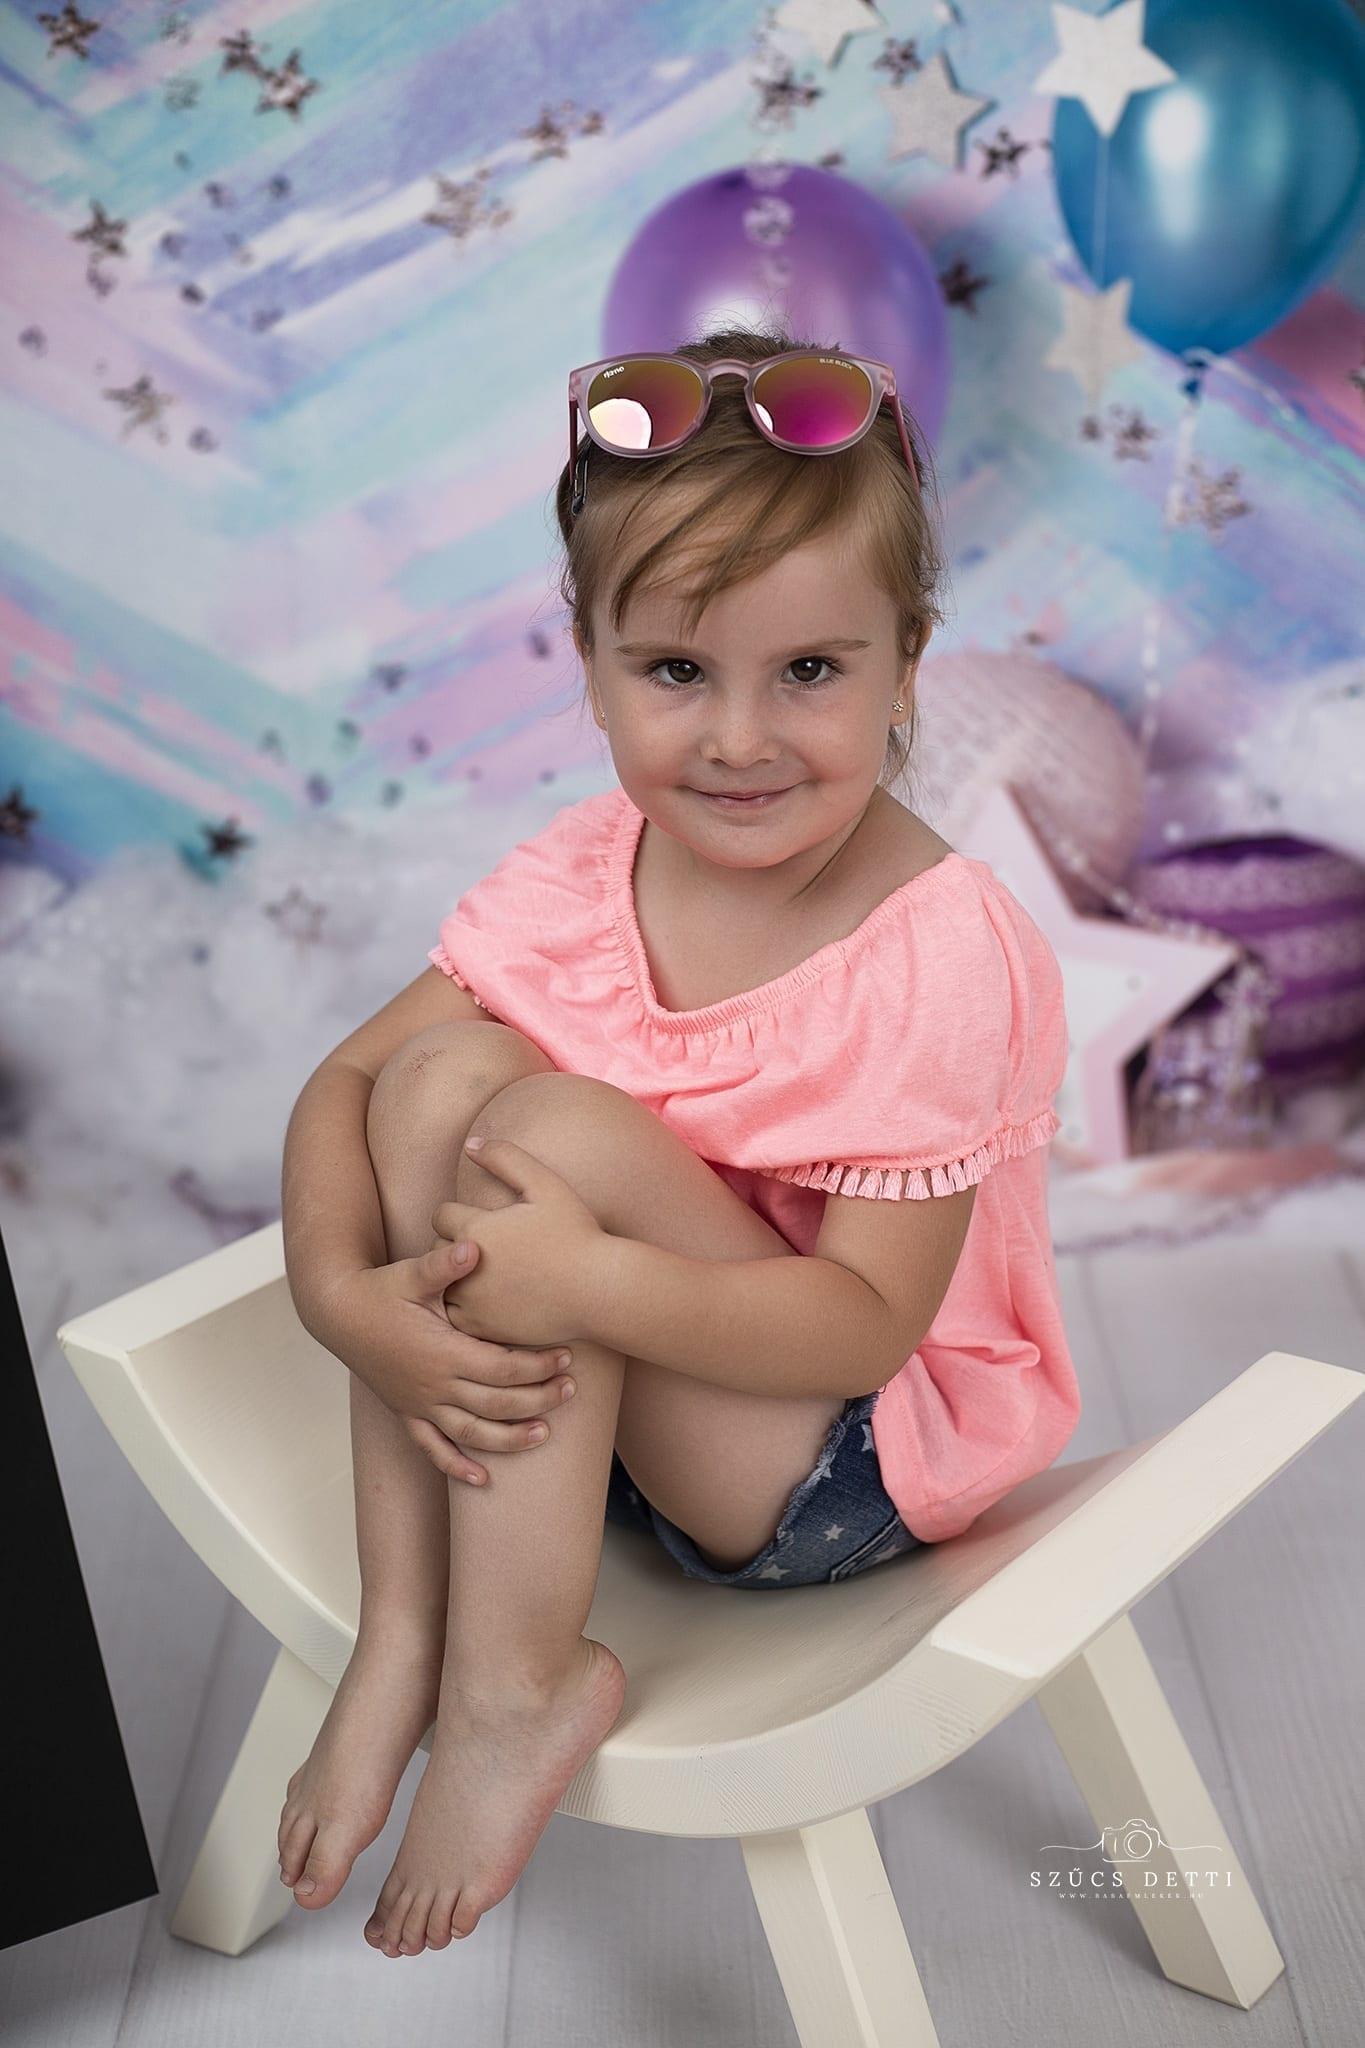 4. születésnapi gyerekfotózás budapesti fotóstúdióban